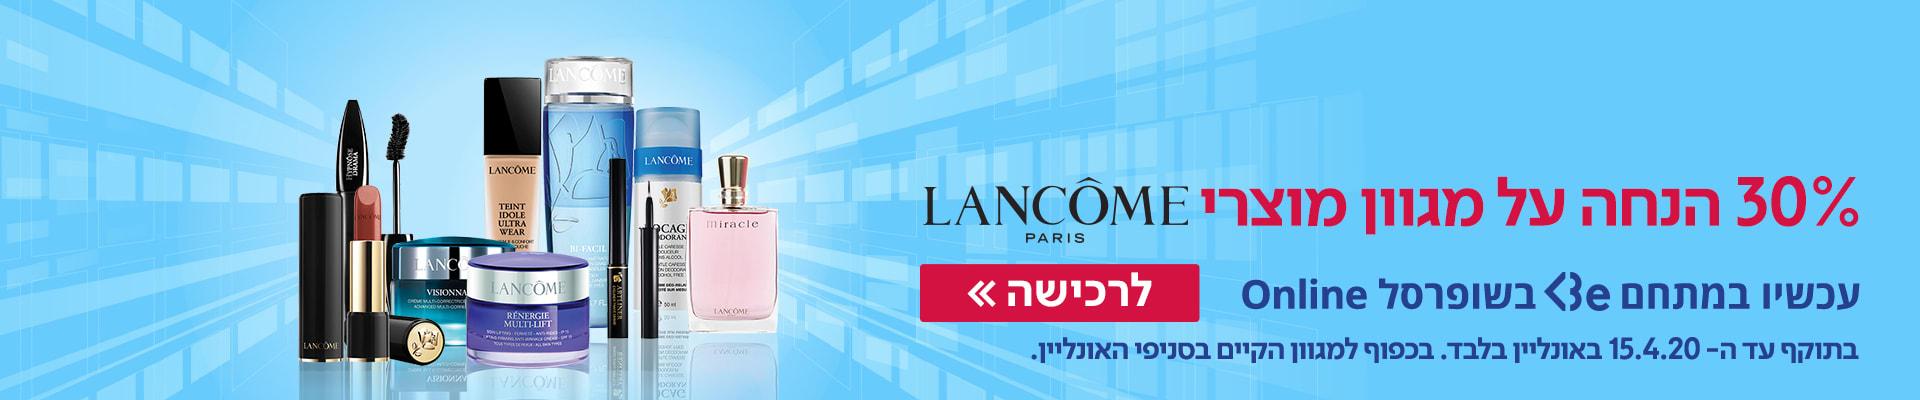 30% הנחה על מוצרי LANCOME עכשיו במתחם BE בשופרסל ONLINE